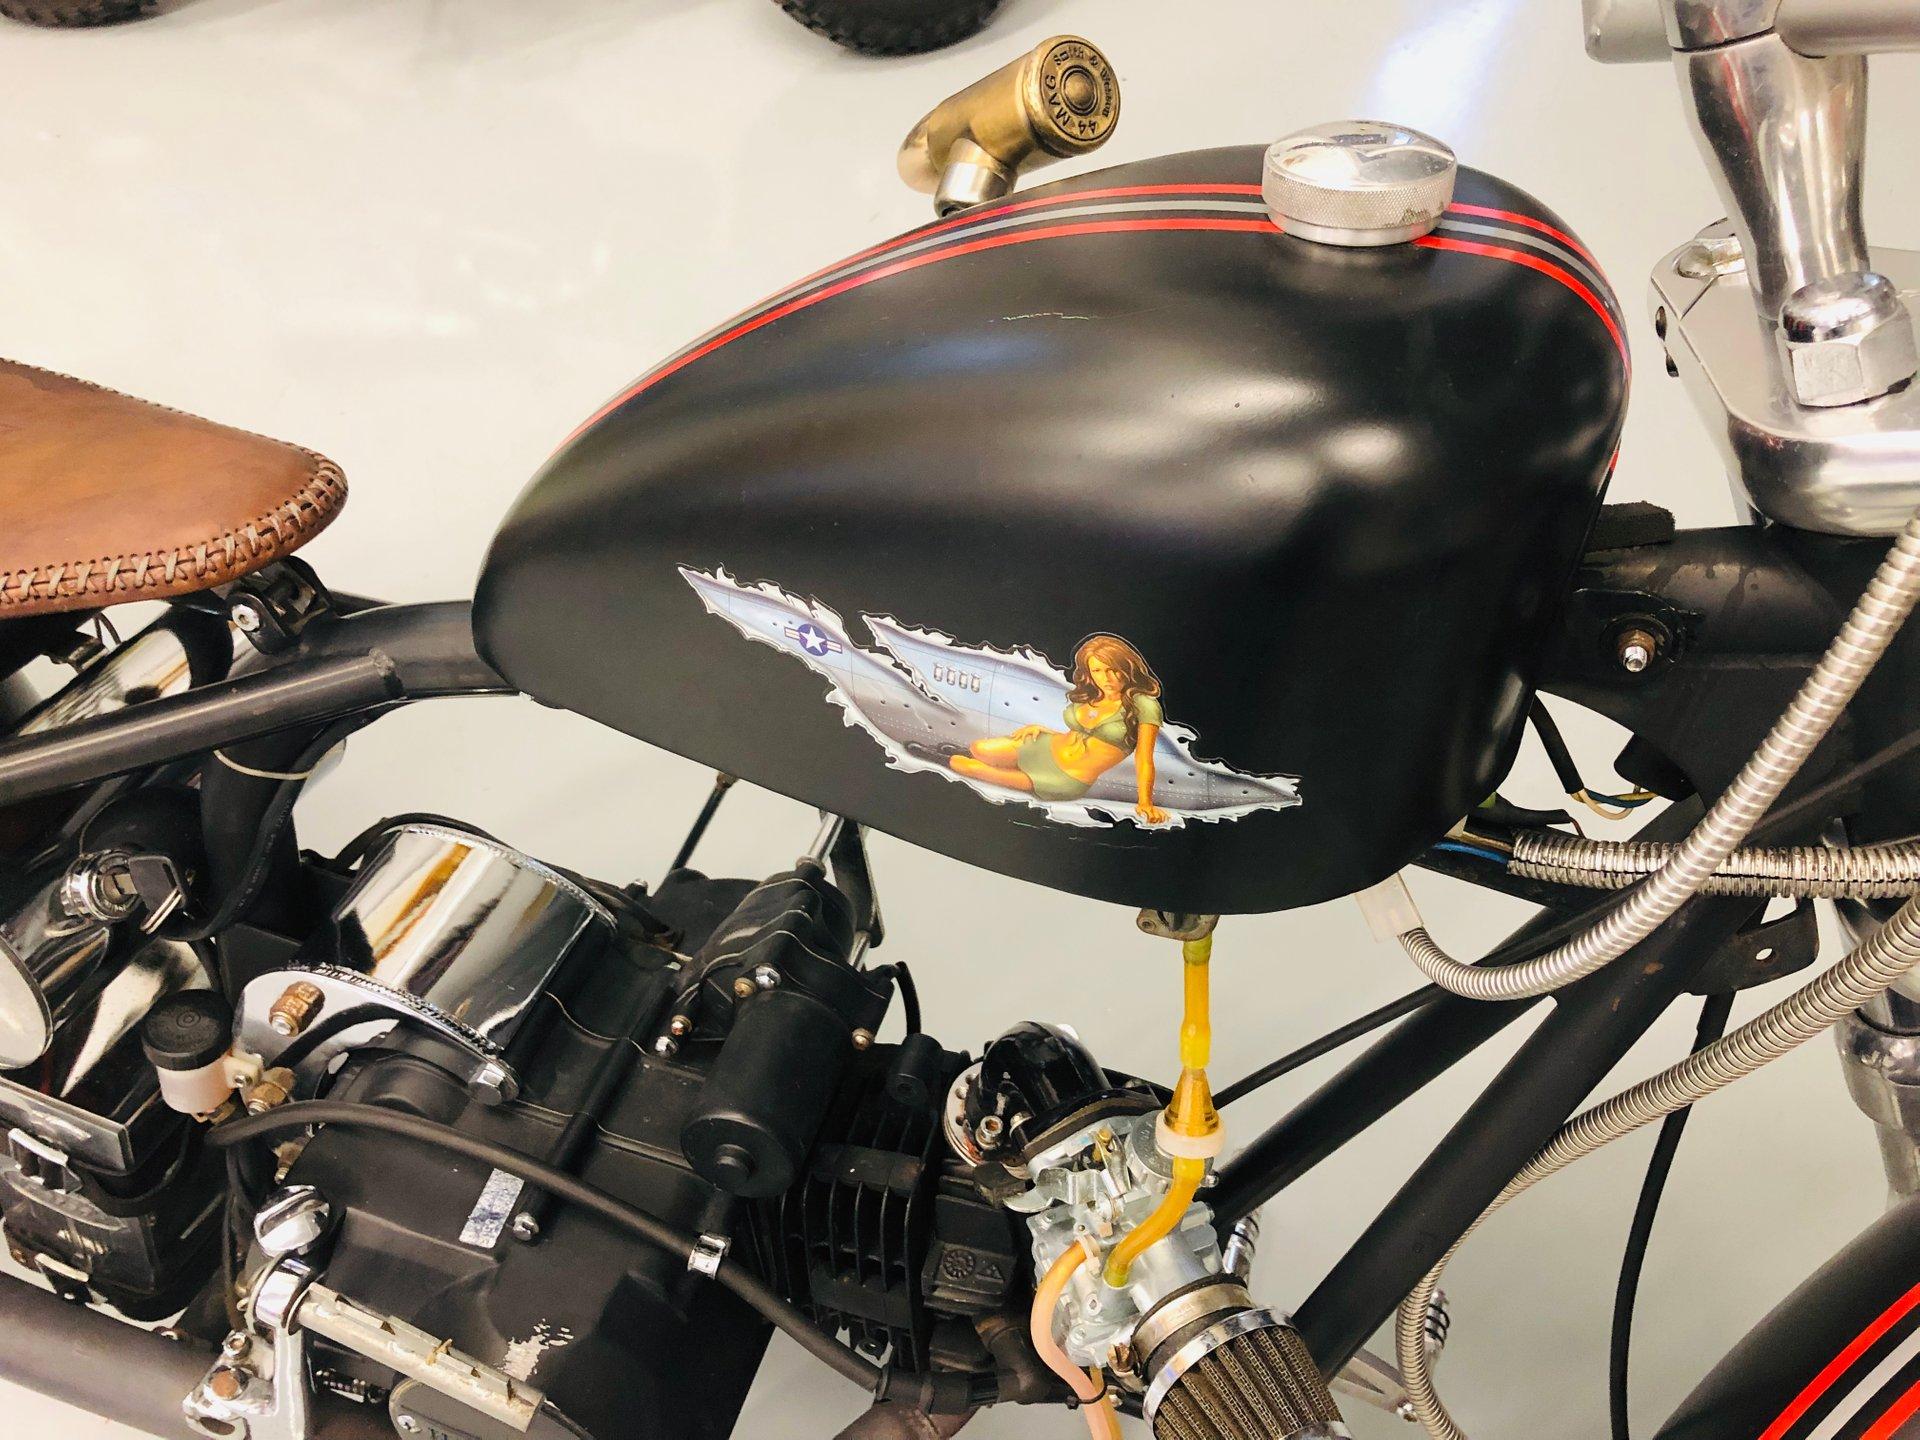 Kikker 5150 Bobber Wiring Diagram